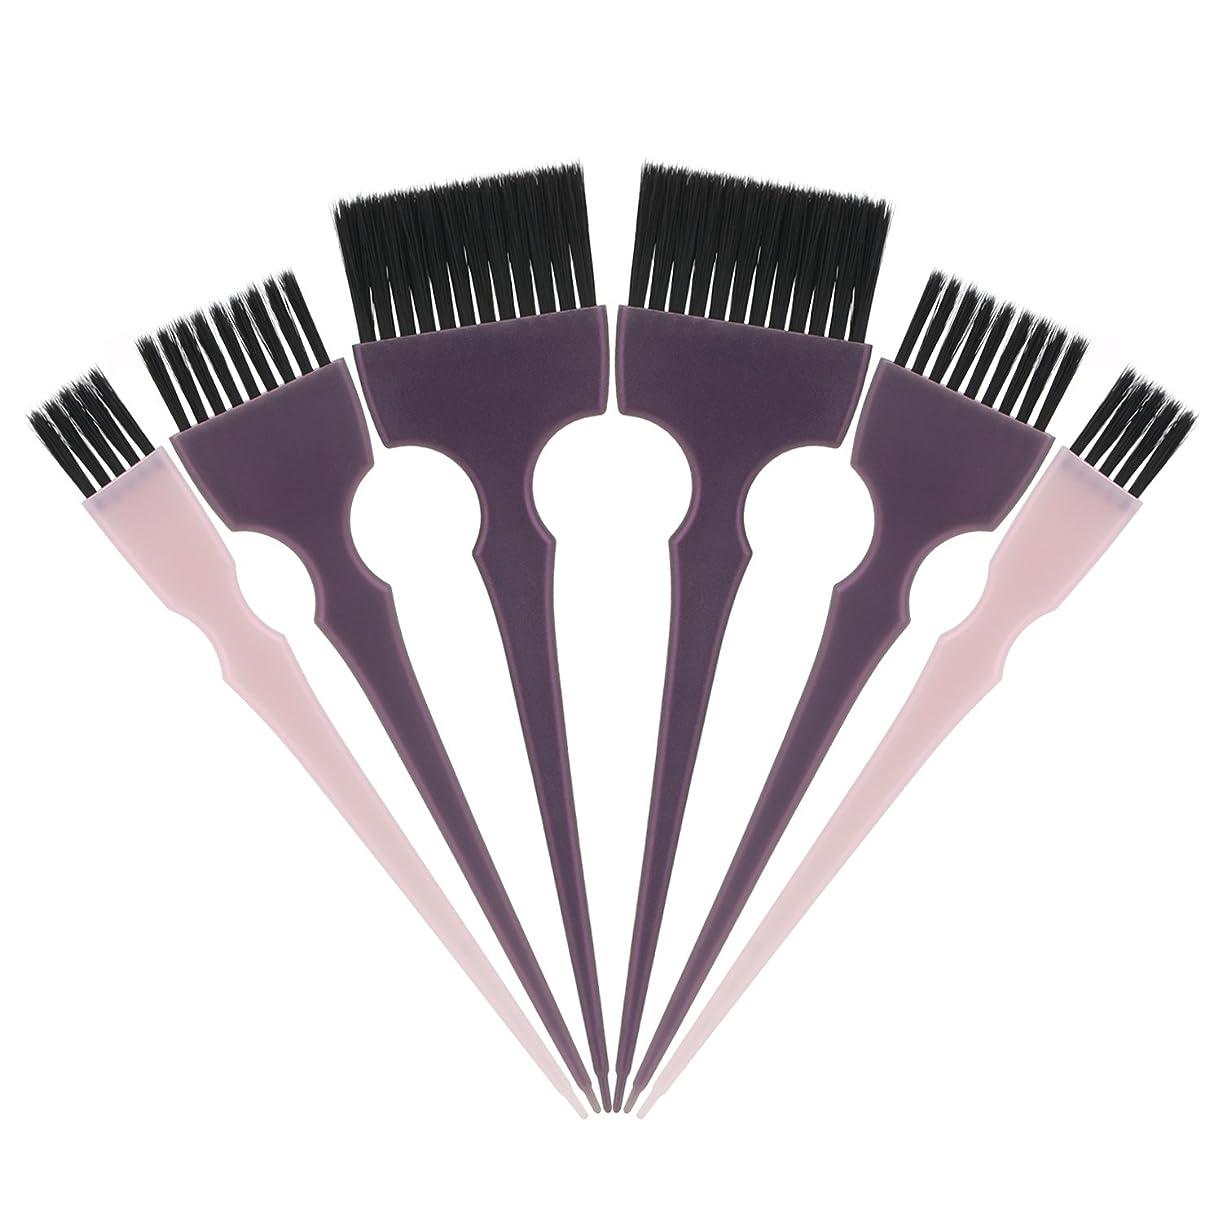 レンダーライバルラジエーターSegbeauty 髪染めのブラシ 六本のセット サロンの美髪用 プロのヘアカラーリング用